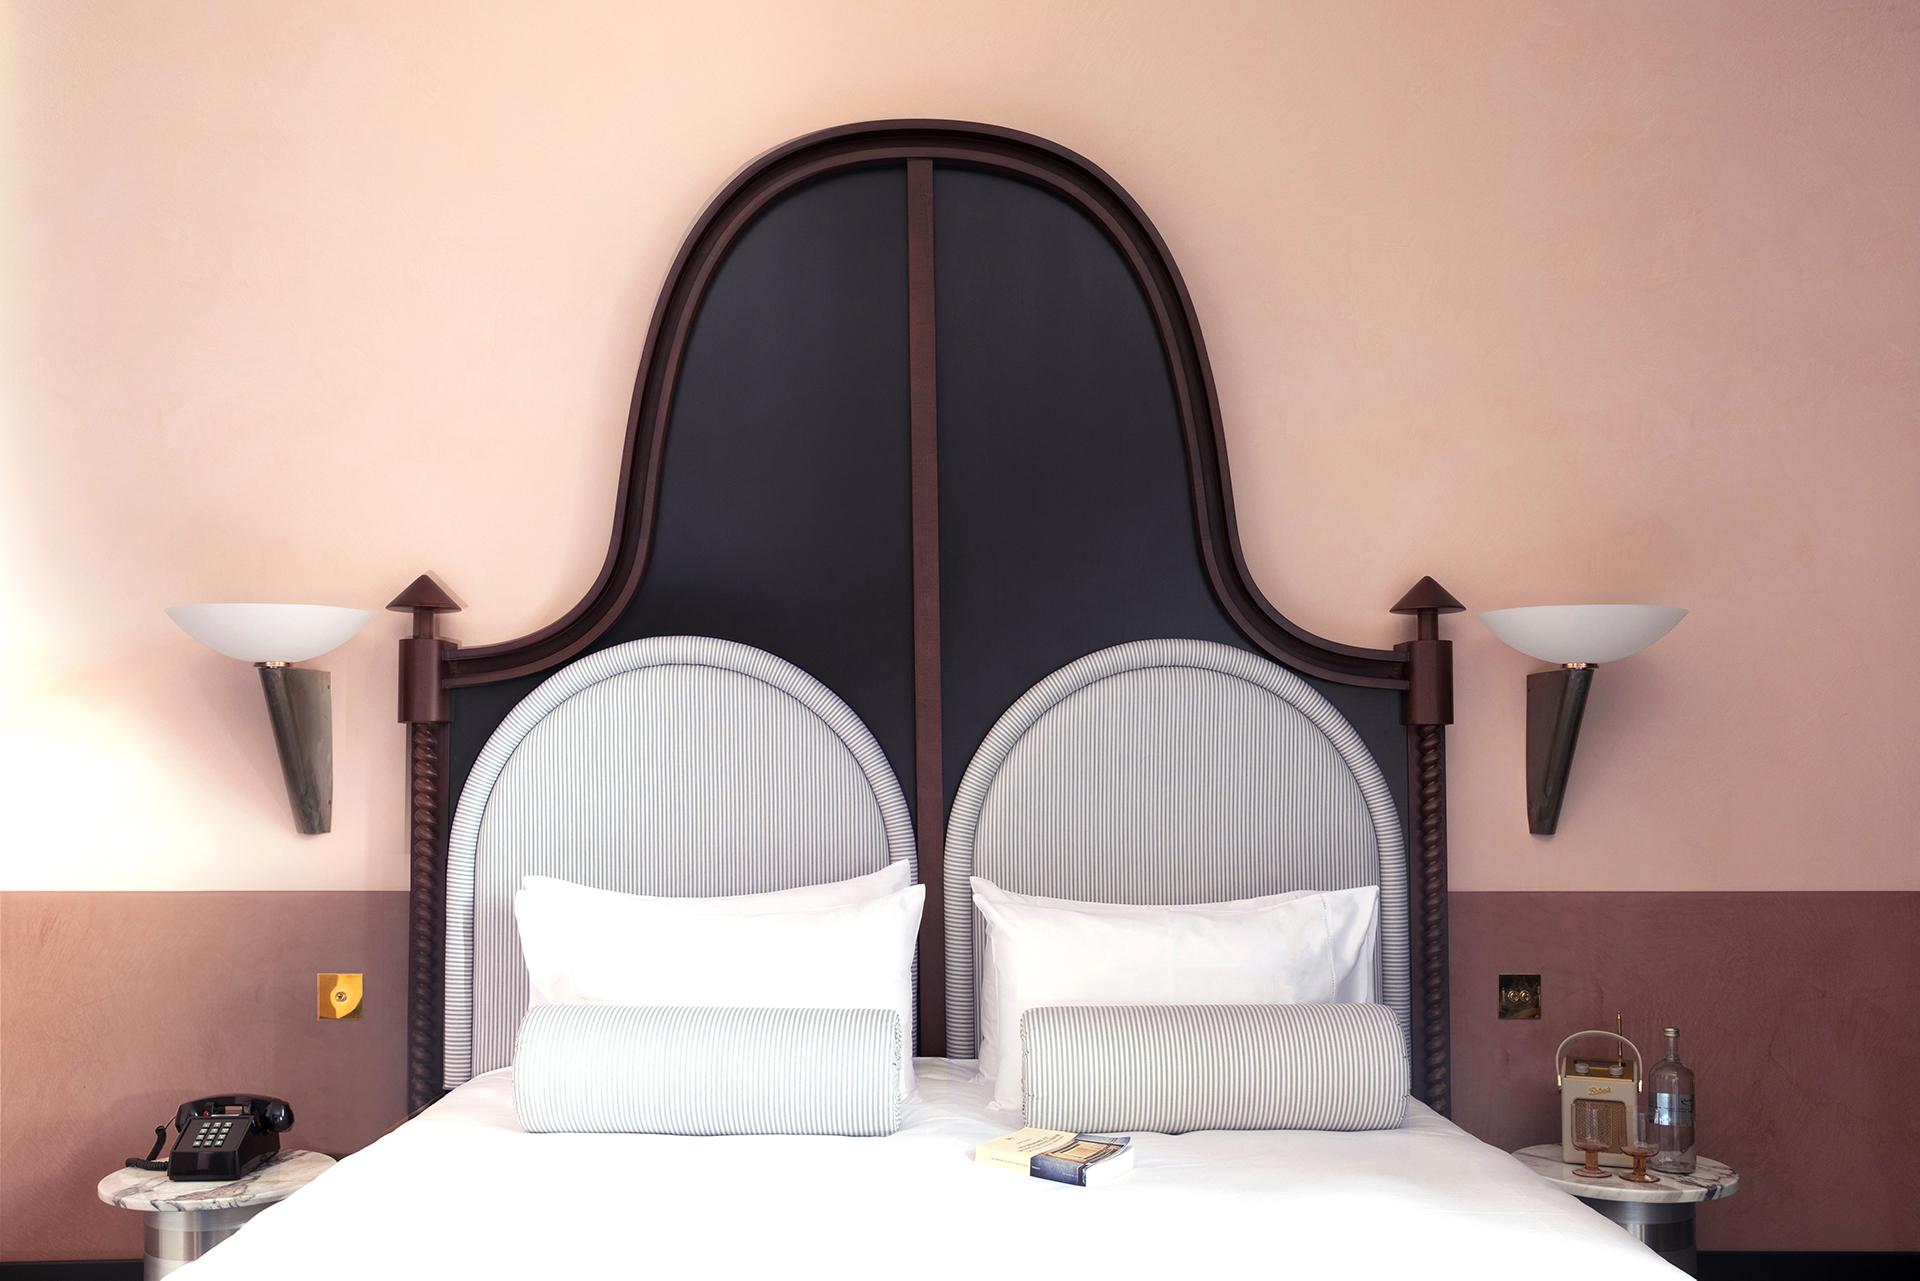 dorsoduro suite il palazzo experimental hotel venice